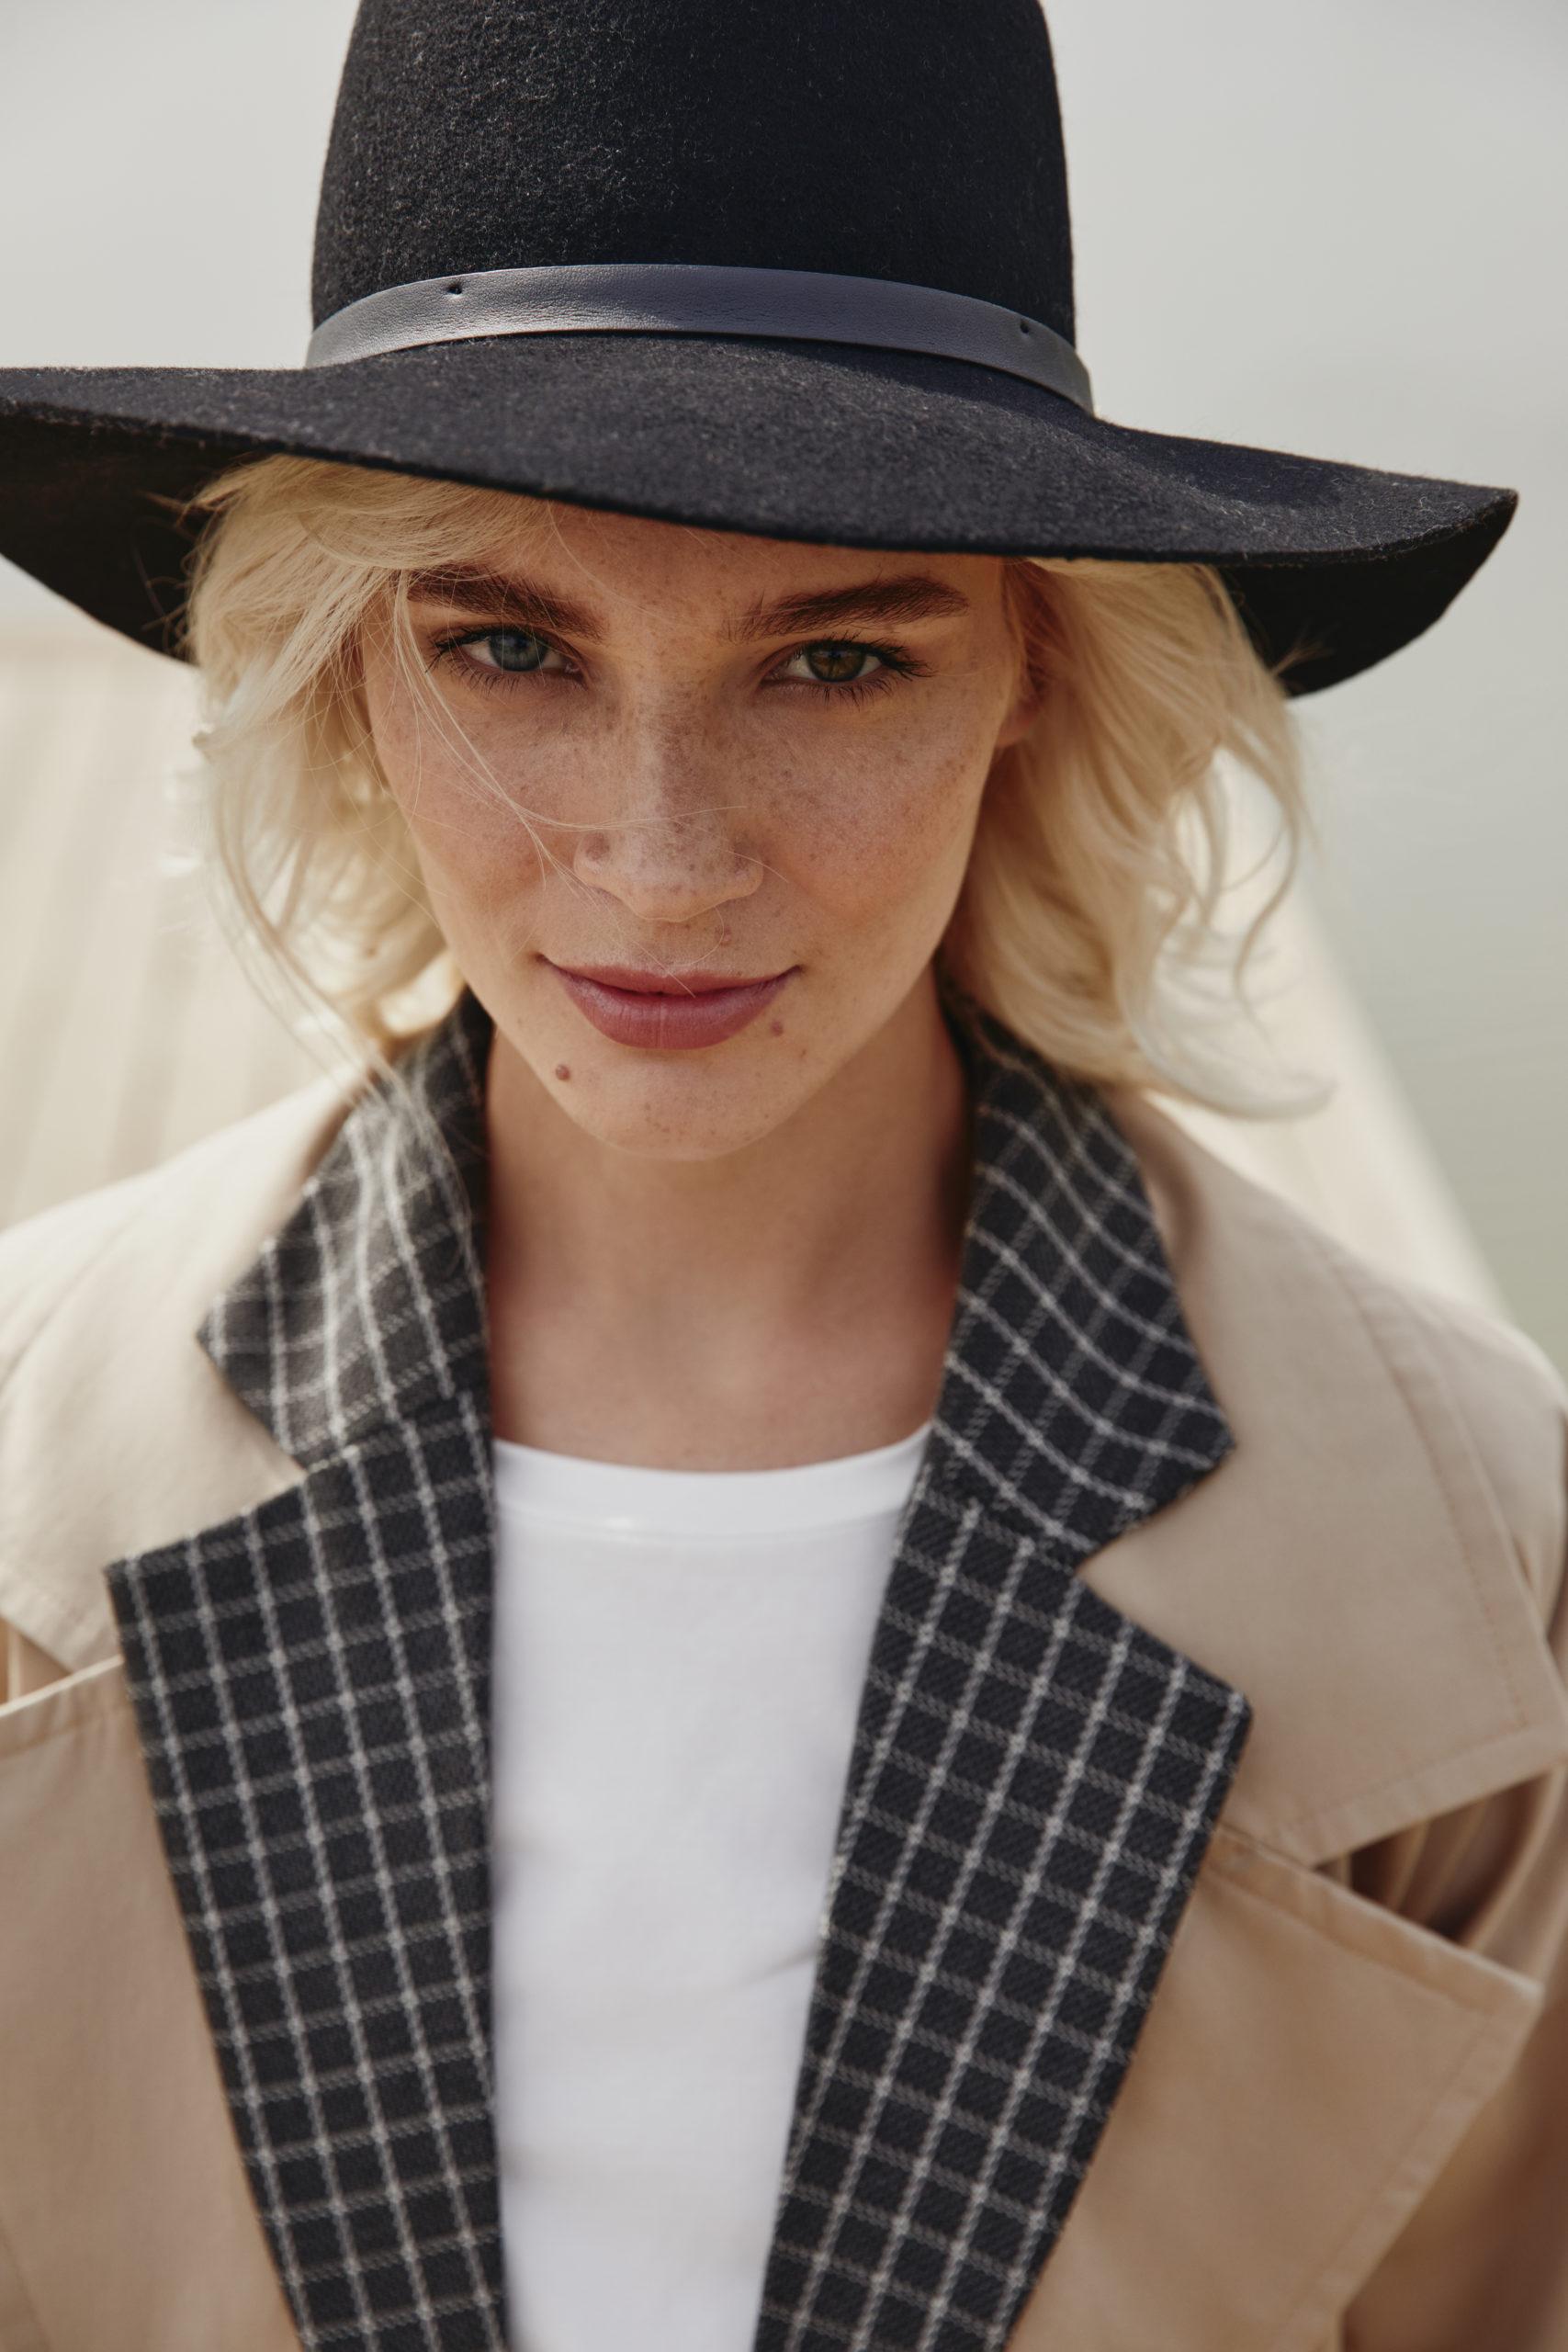 Пиджак из эко-кожи и брючный костюм в новой коллекции бренда из Санкт-Петербурга You